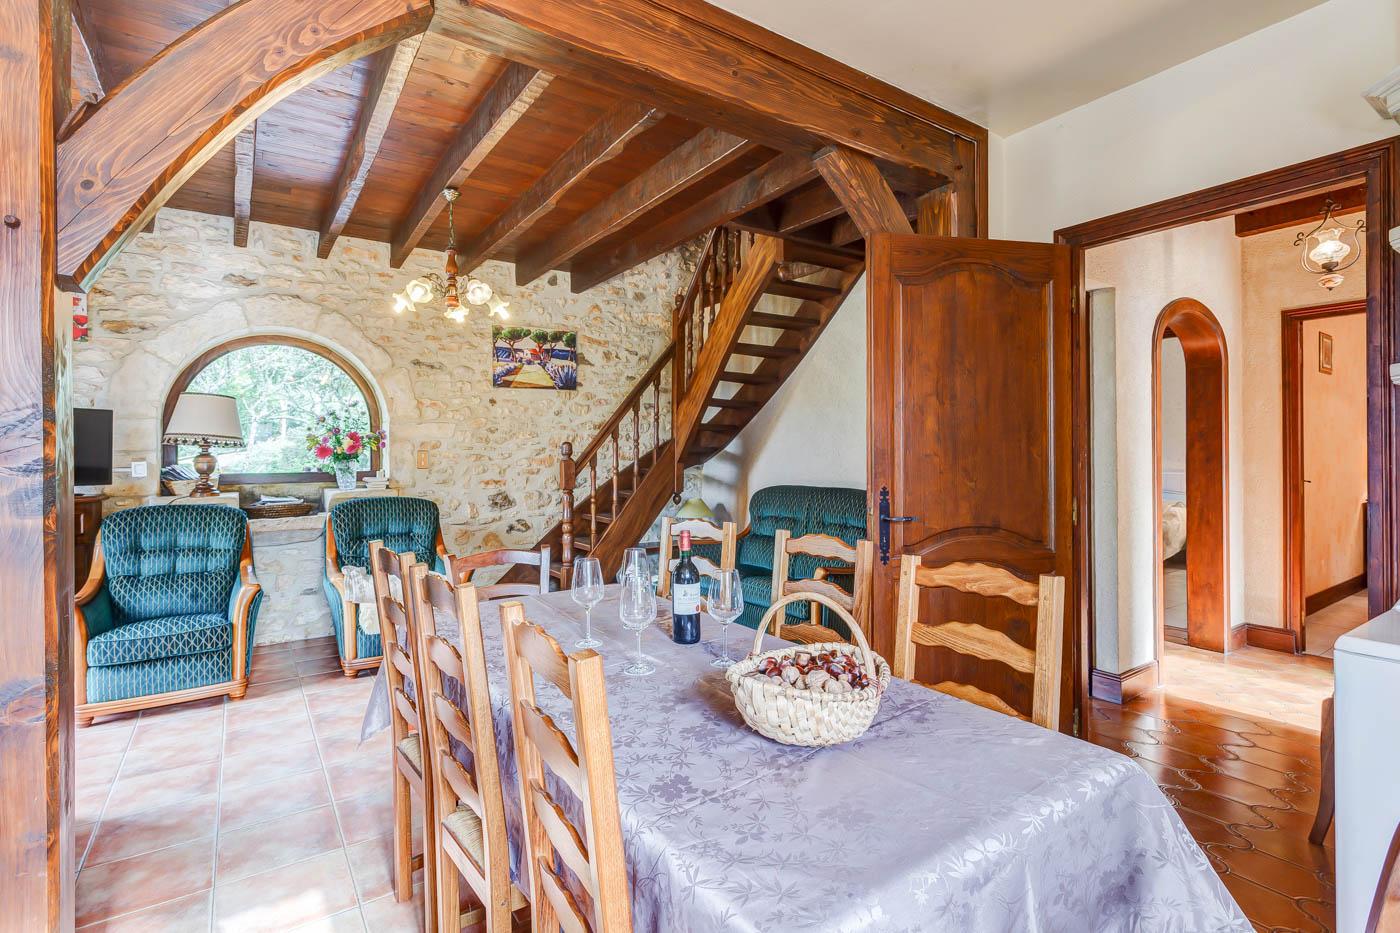 Maison-de-Vacances-Les-Terrasses-13